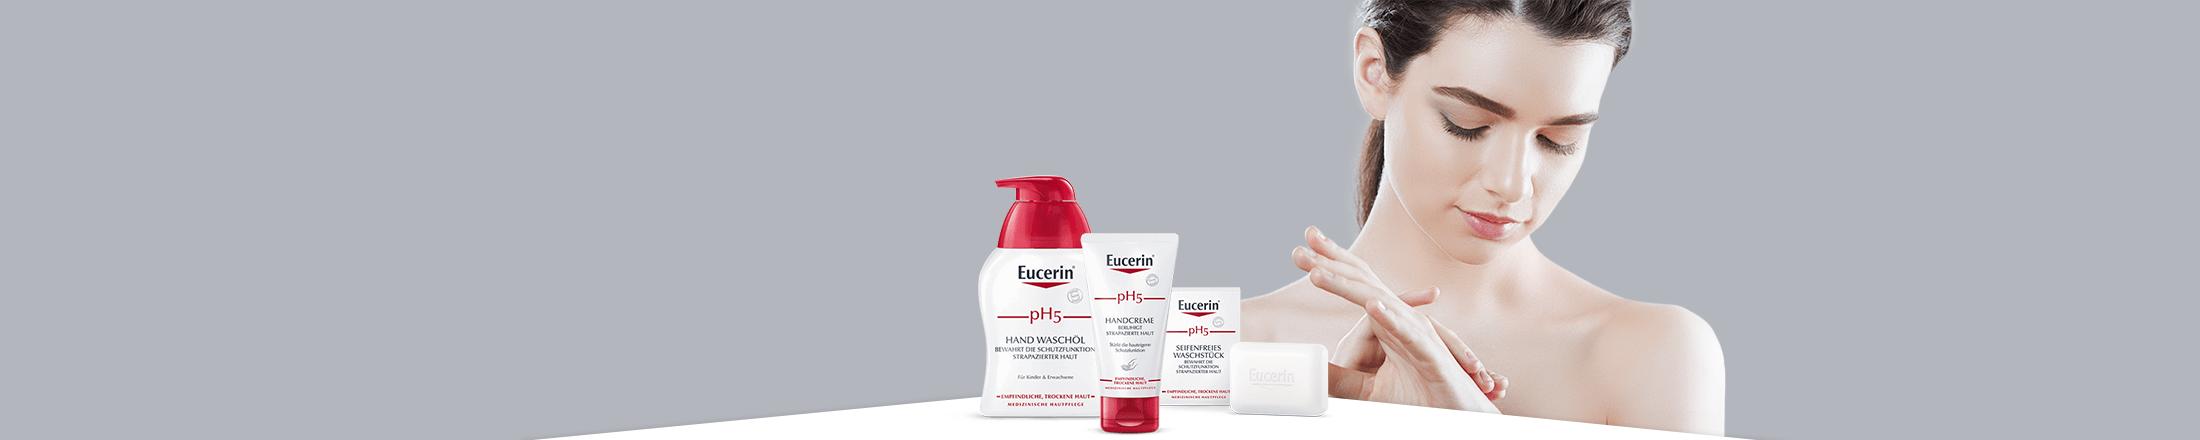 Pranje i nega ruku sa Eucerin pH5 preparatima